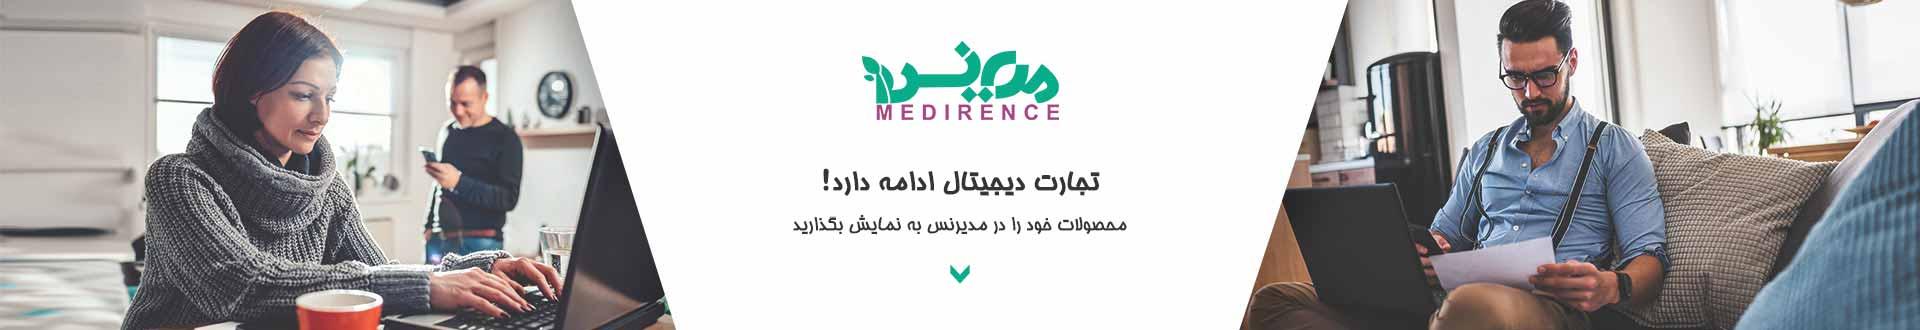 بنر اختصاصی شرکت گازهای طبی ره پویان توسعه تهران